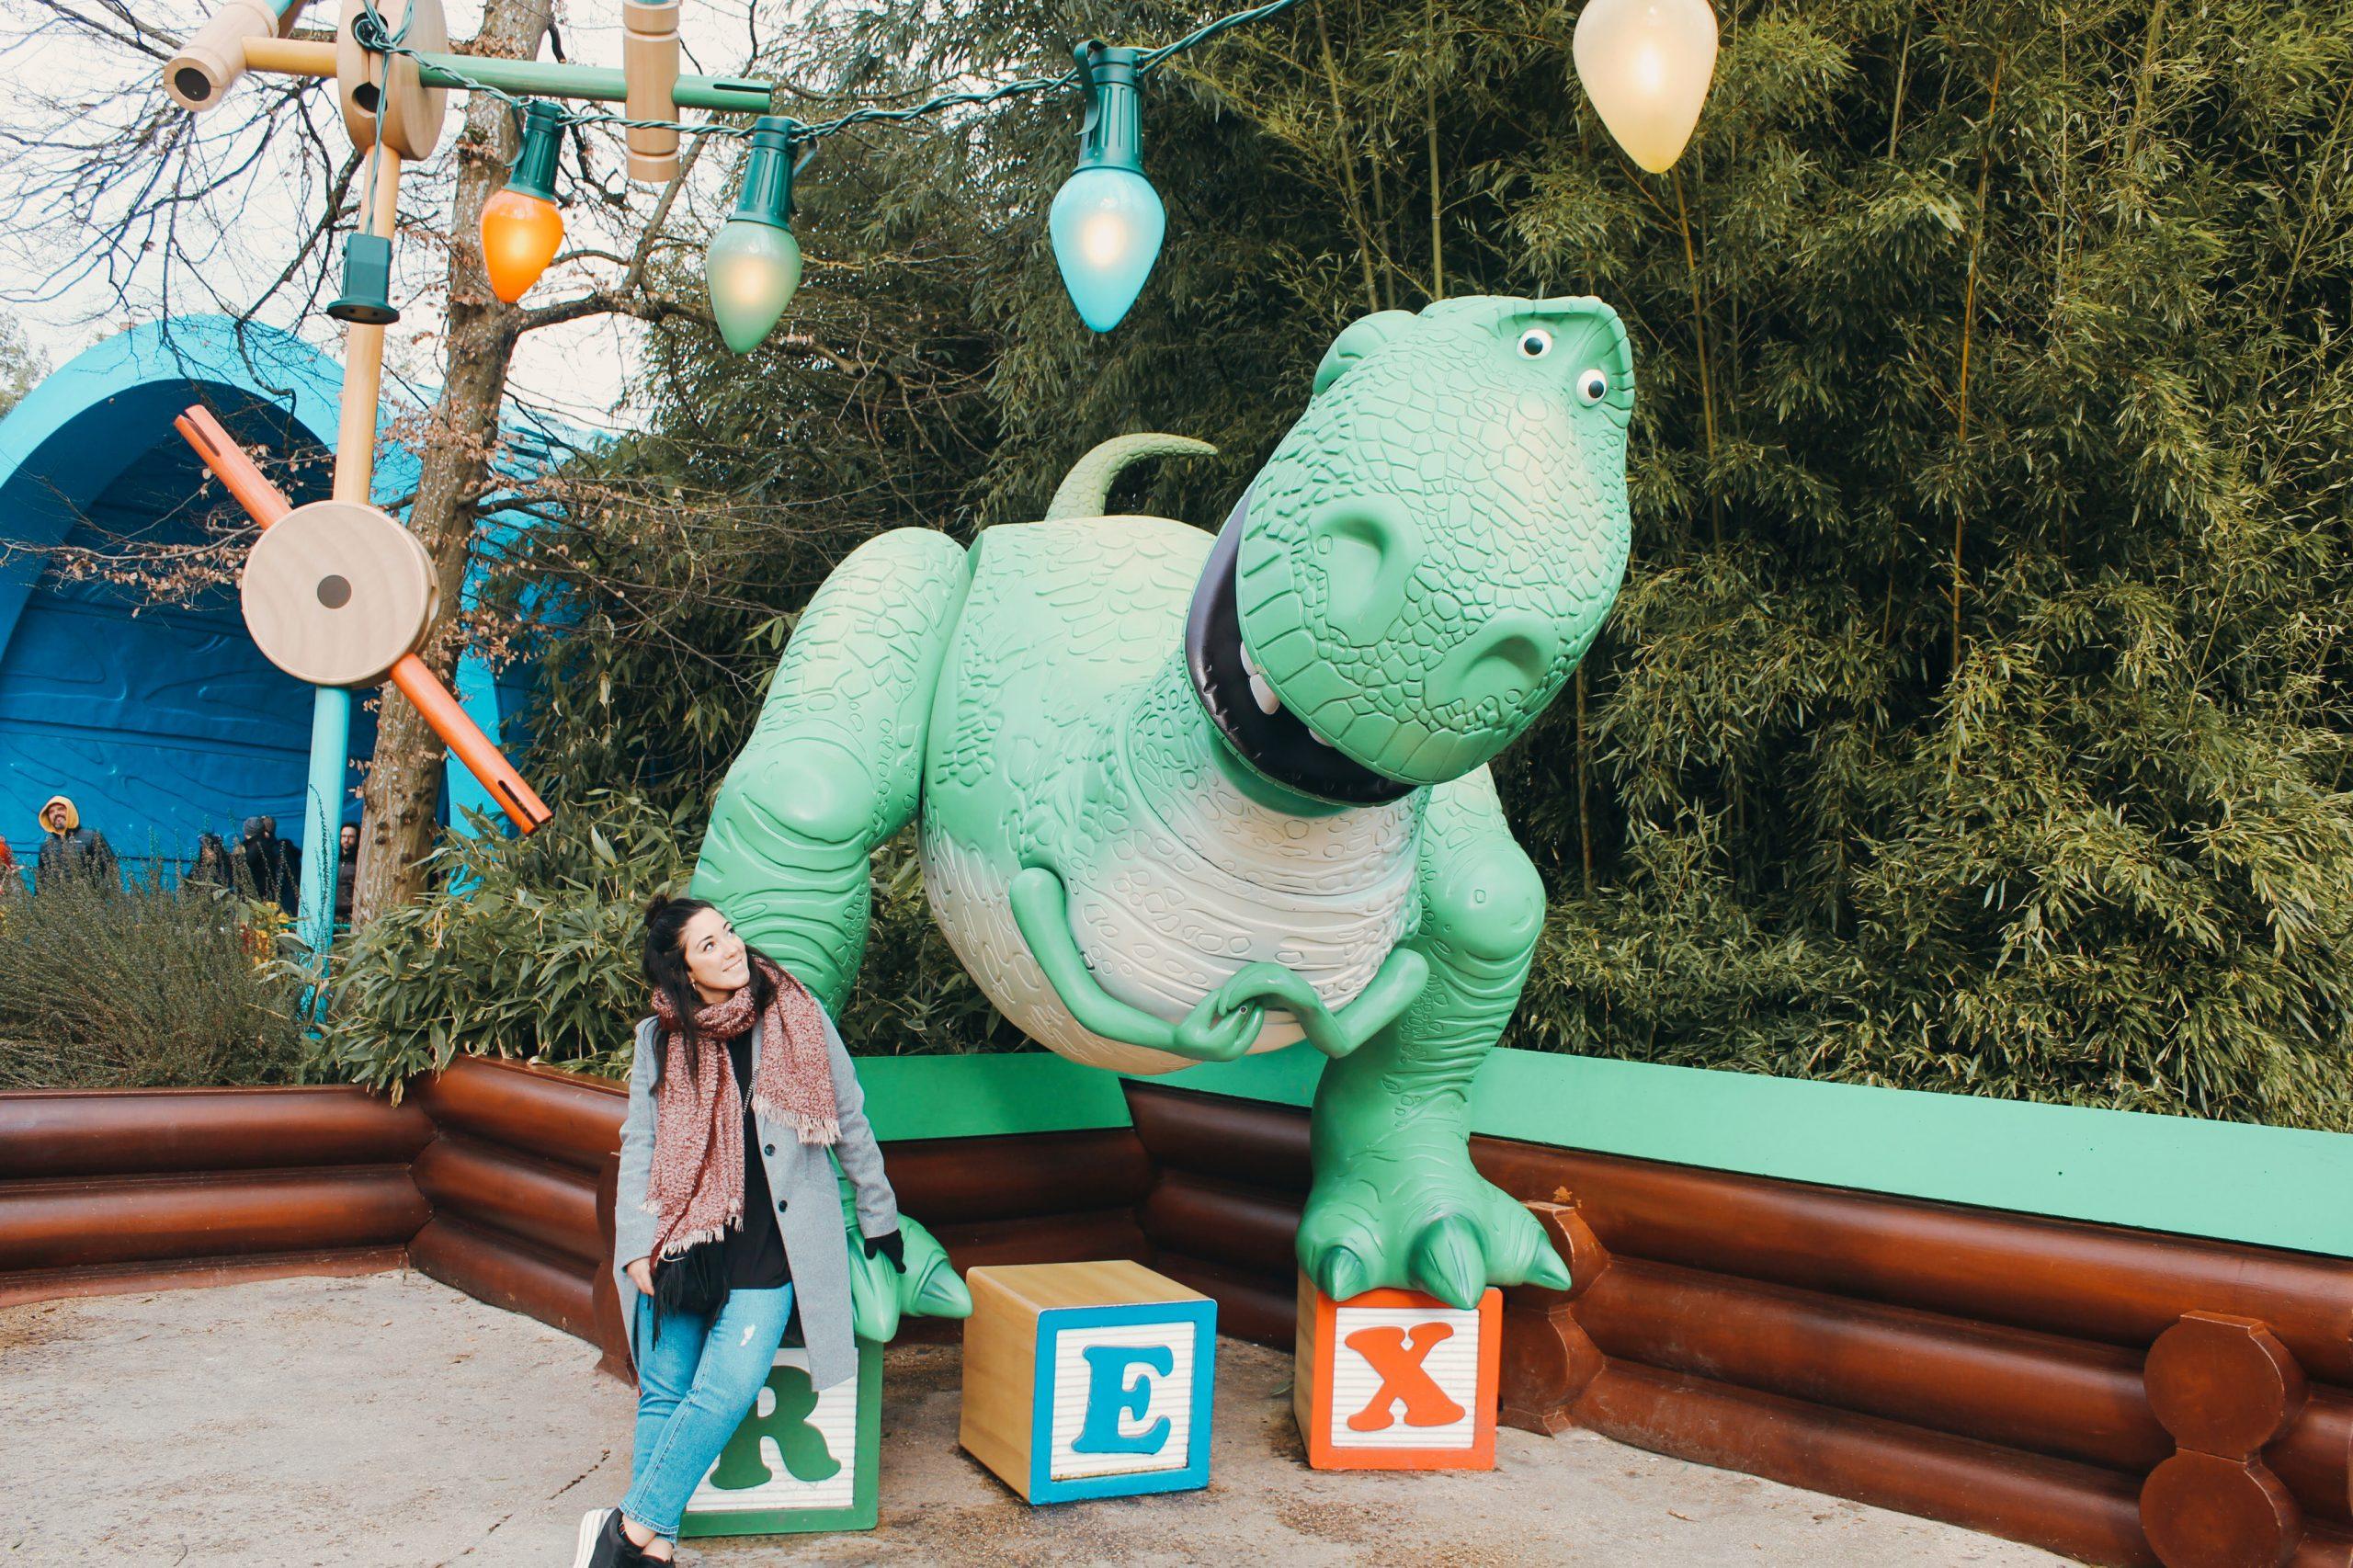 Parque Walt Disney Studios París